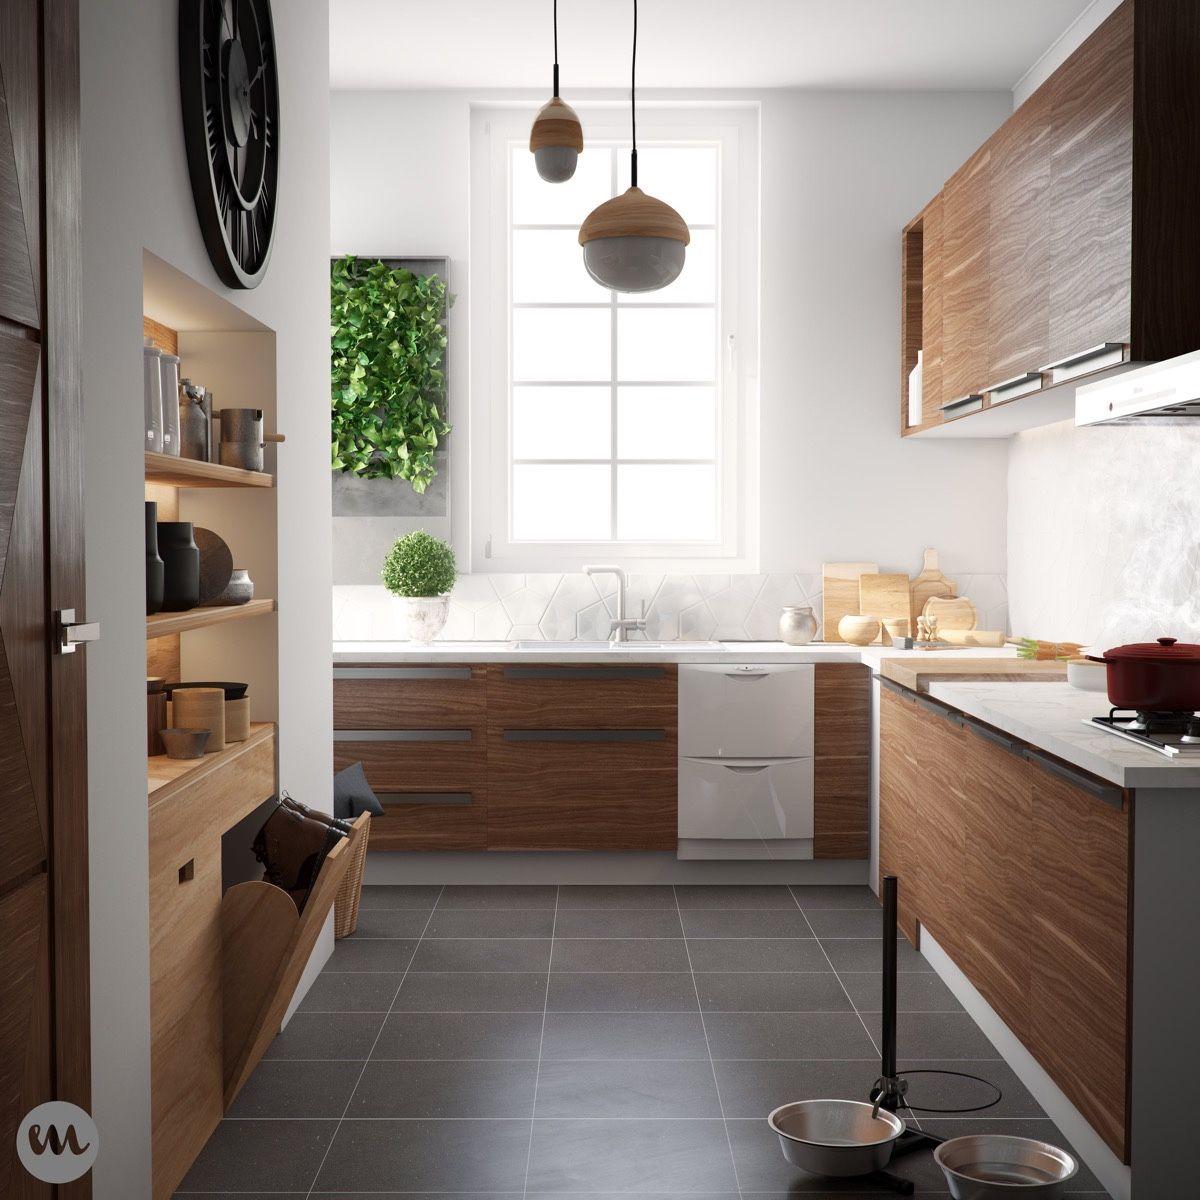 Küchenideen 2018 weiß skandinavische küchen ideen u inspiration in   küchen